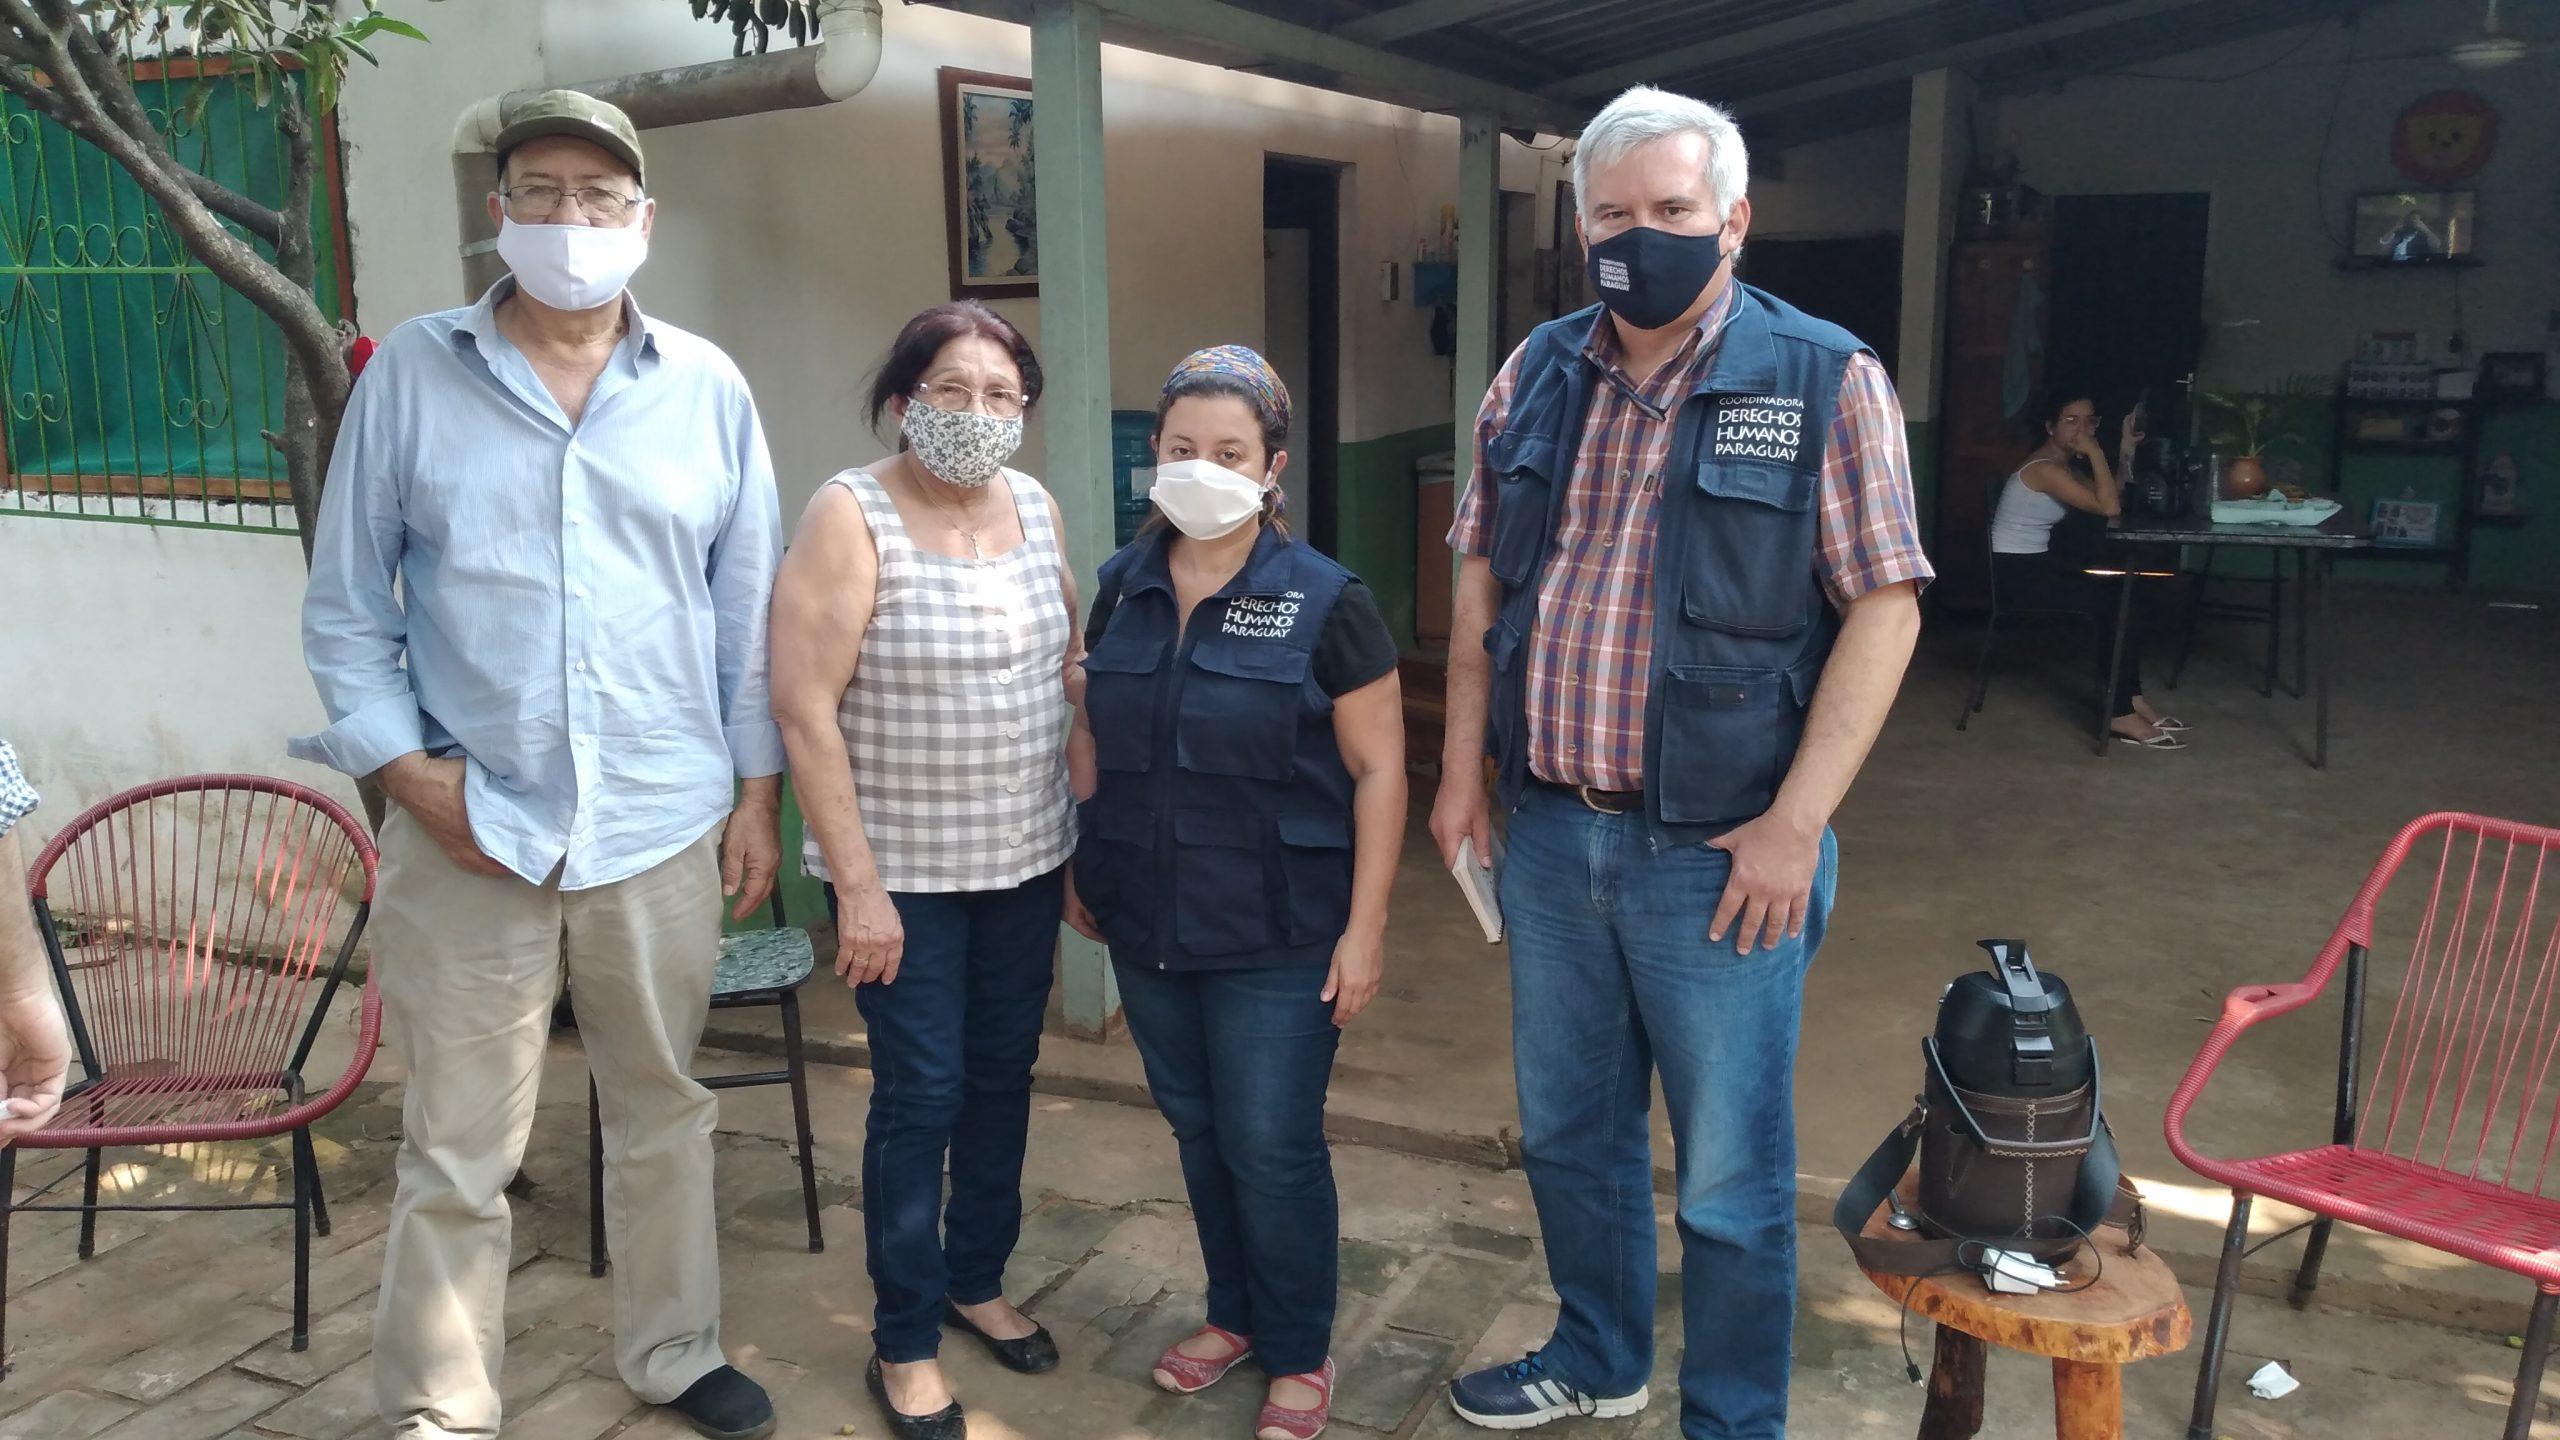 Padres de Rodrigo Quintana y miembros de la Codehupy durante la visita.